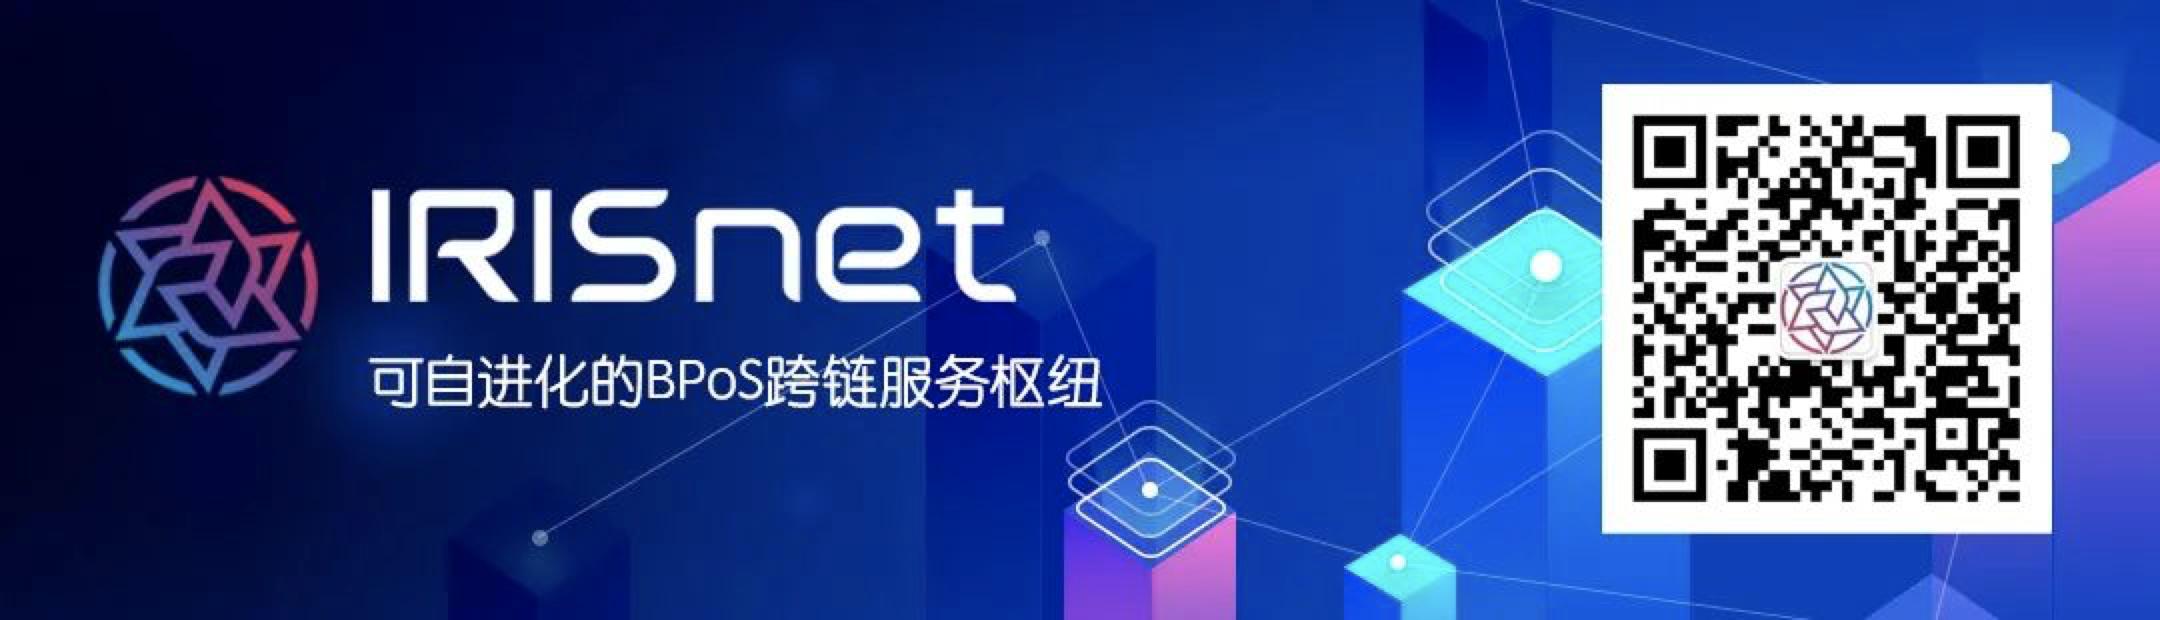 Bifrost 测试网 NFT 徽章及奖励发放计划